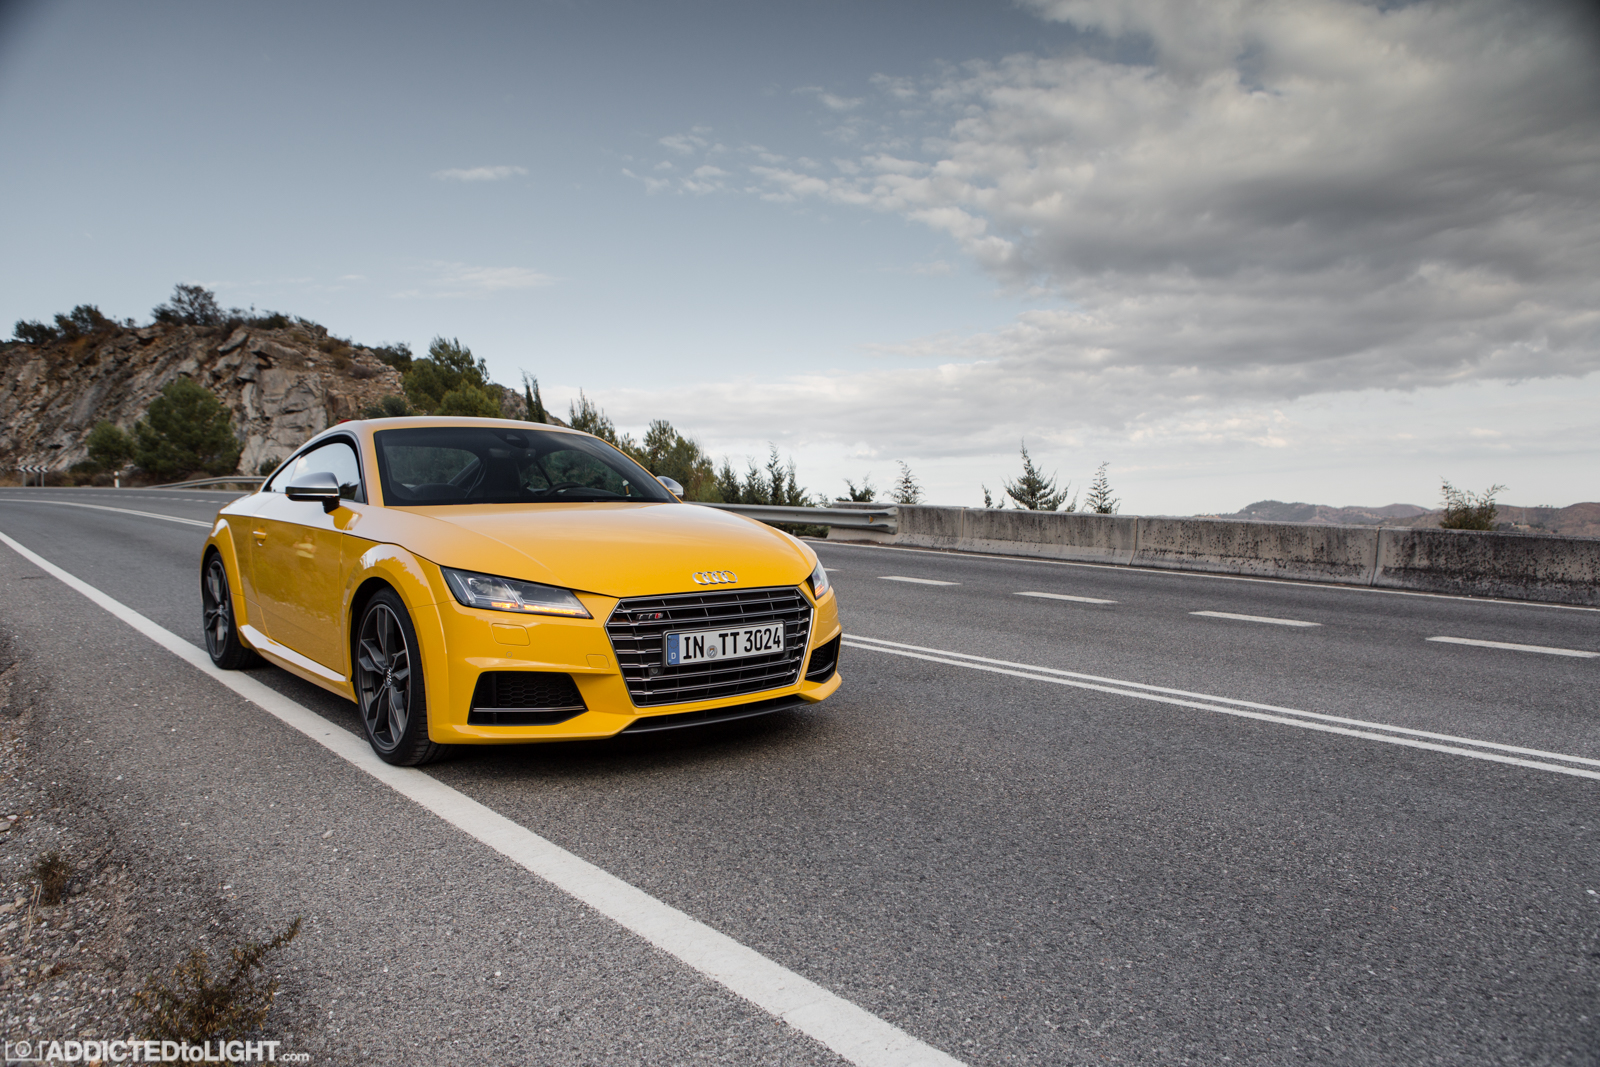 Audi_TT_019